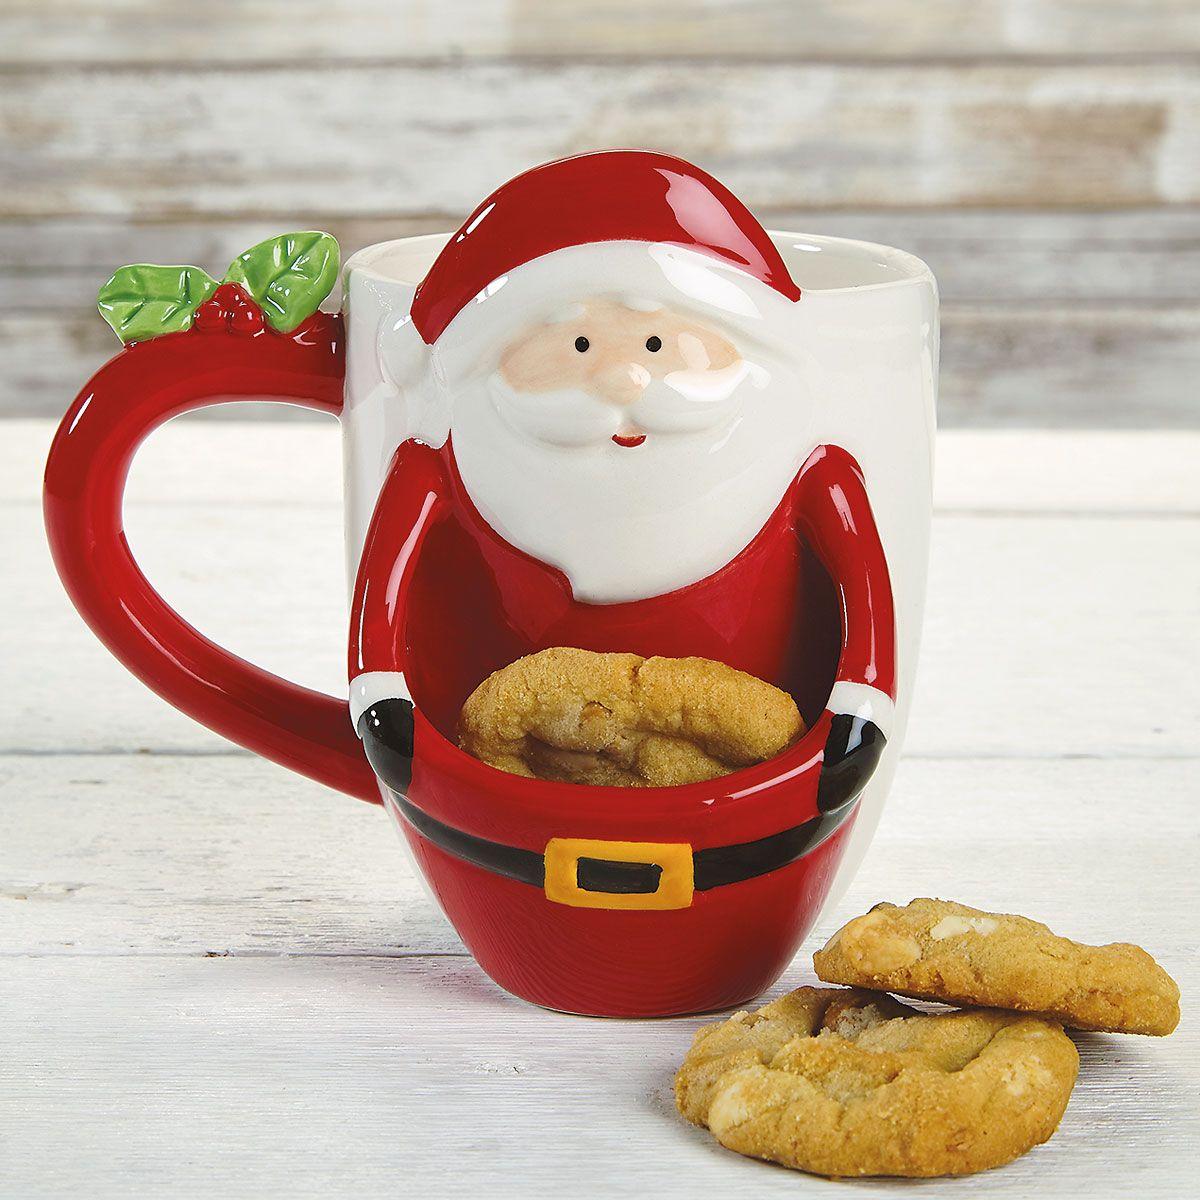 Santa Cookie Mug Colorful Images